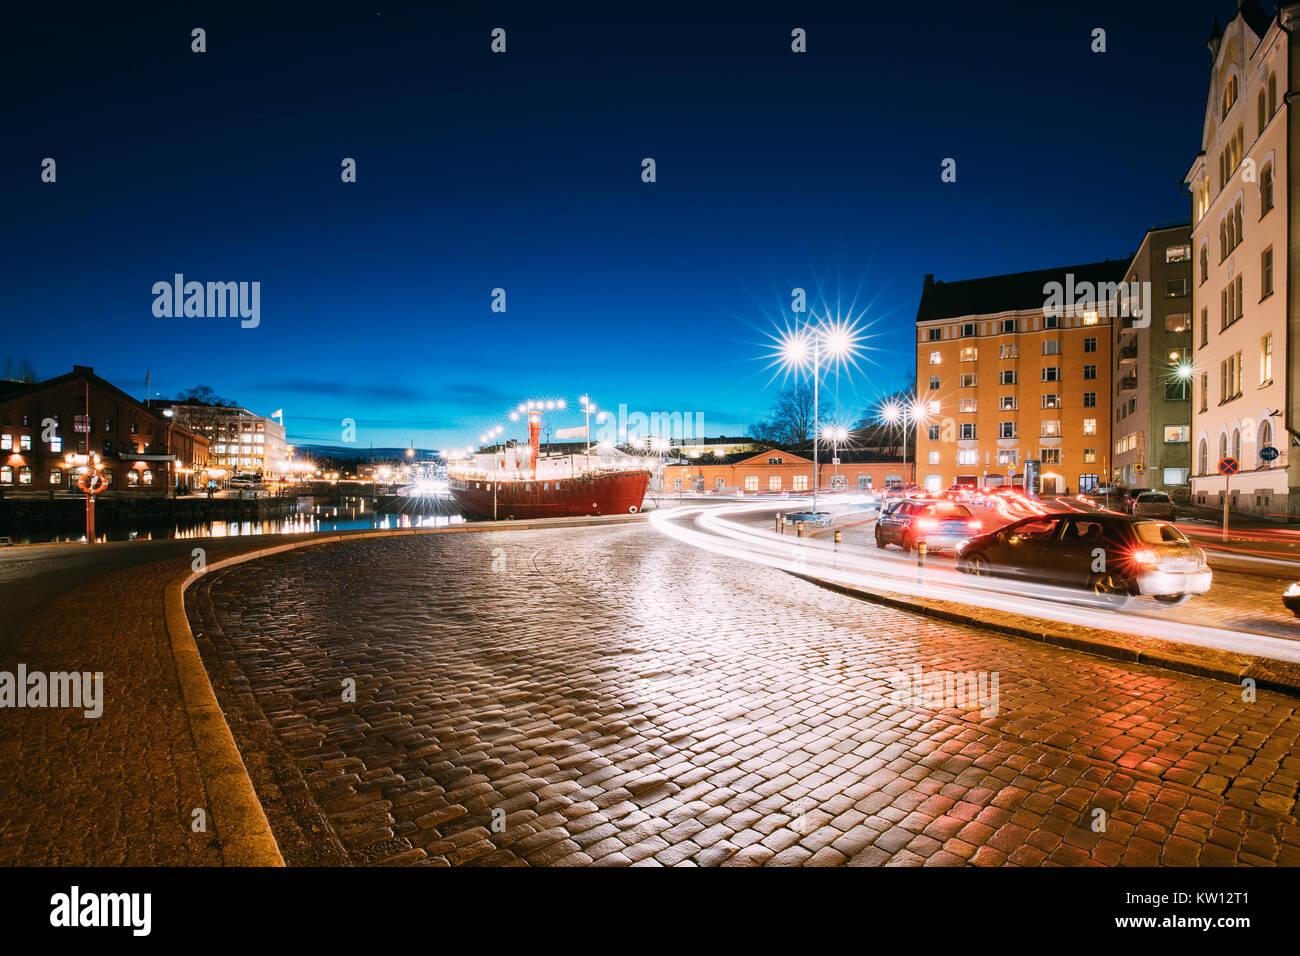 Helsinki, Finnland. Nacht Verkehr in Pohjoisranta Straße am Abend oder in der Nacht die Beleuchtung. Stockbild